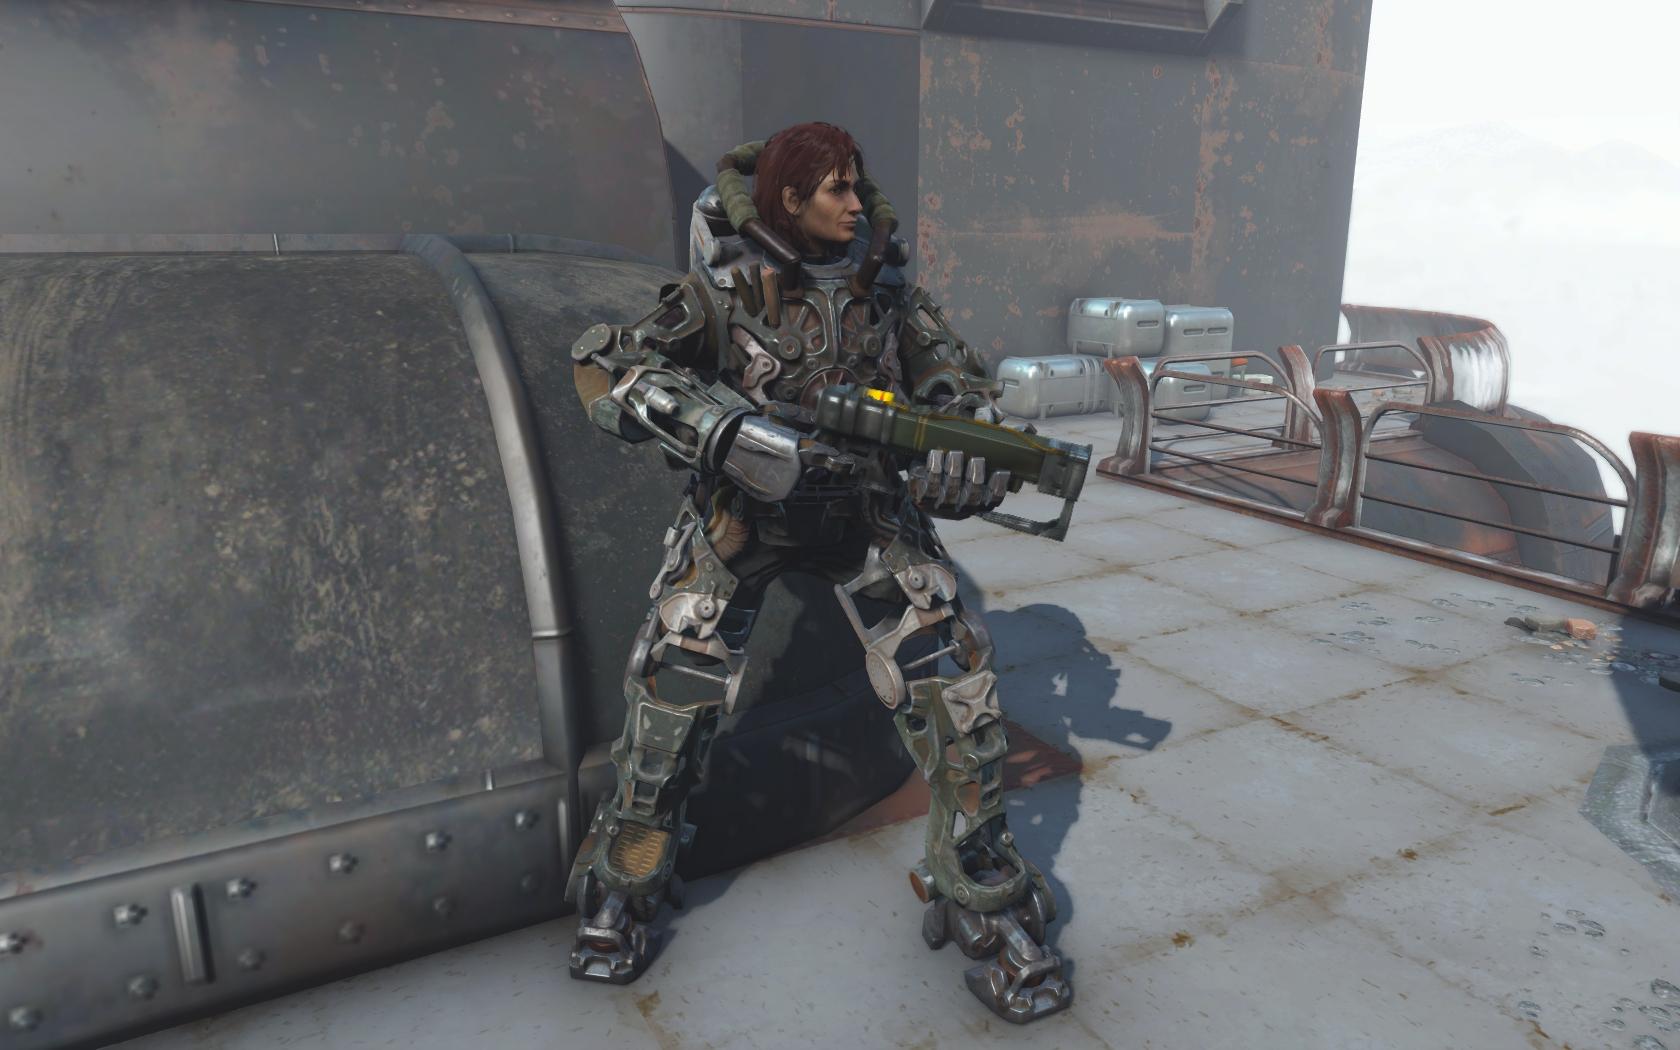 У Проктора Инграм плохо с бронёй, ещё и ноги отвалились (крыша Масс фьюжн) - Fallout 4 Баг, броня, Инграм, Проктор, Проктор Инграм, Силовая броня, Юмор